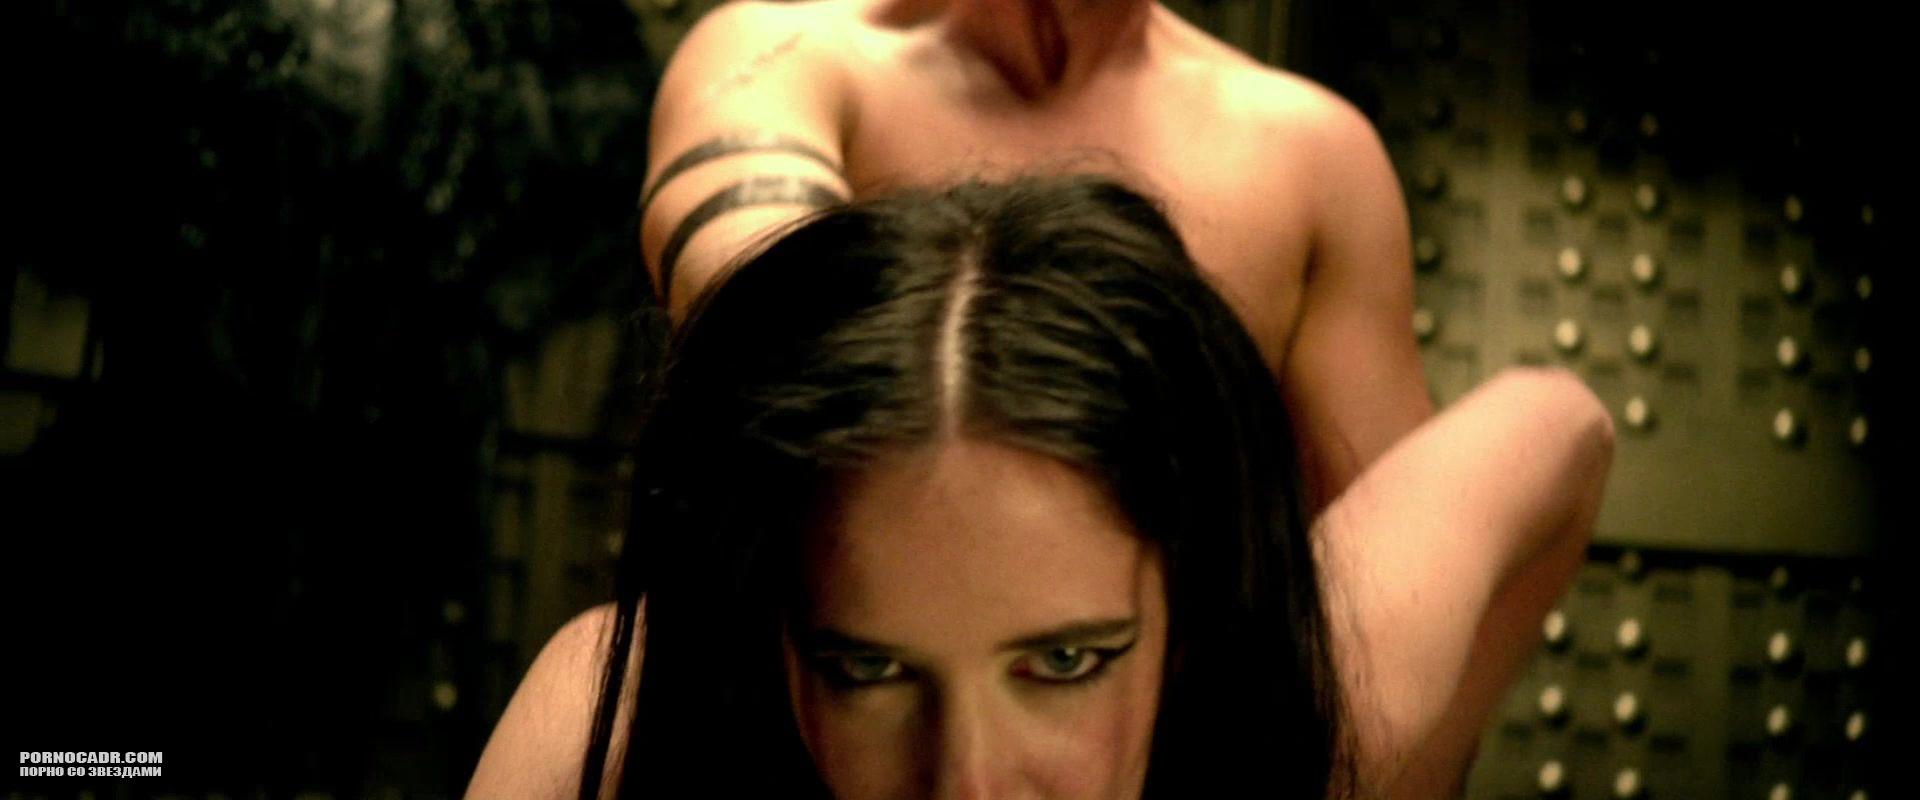 Ева грин порно из 300 спартанцев